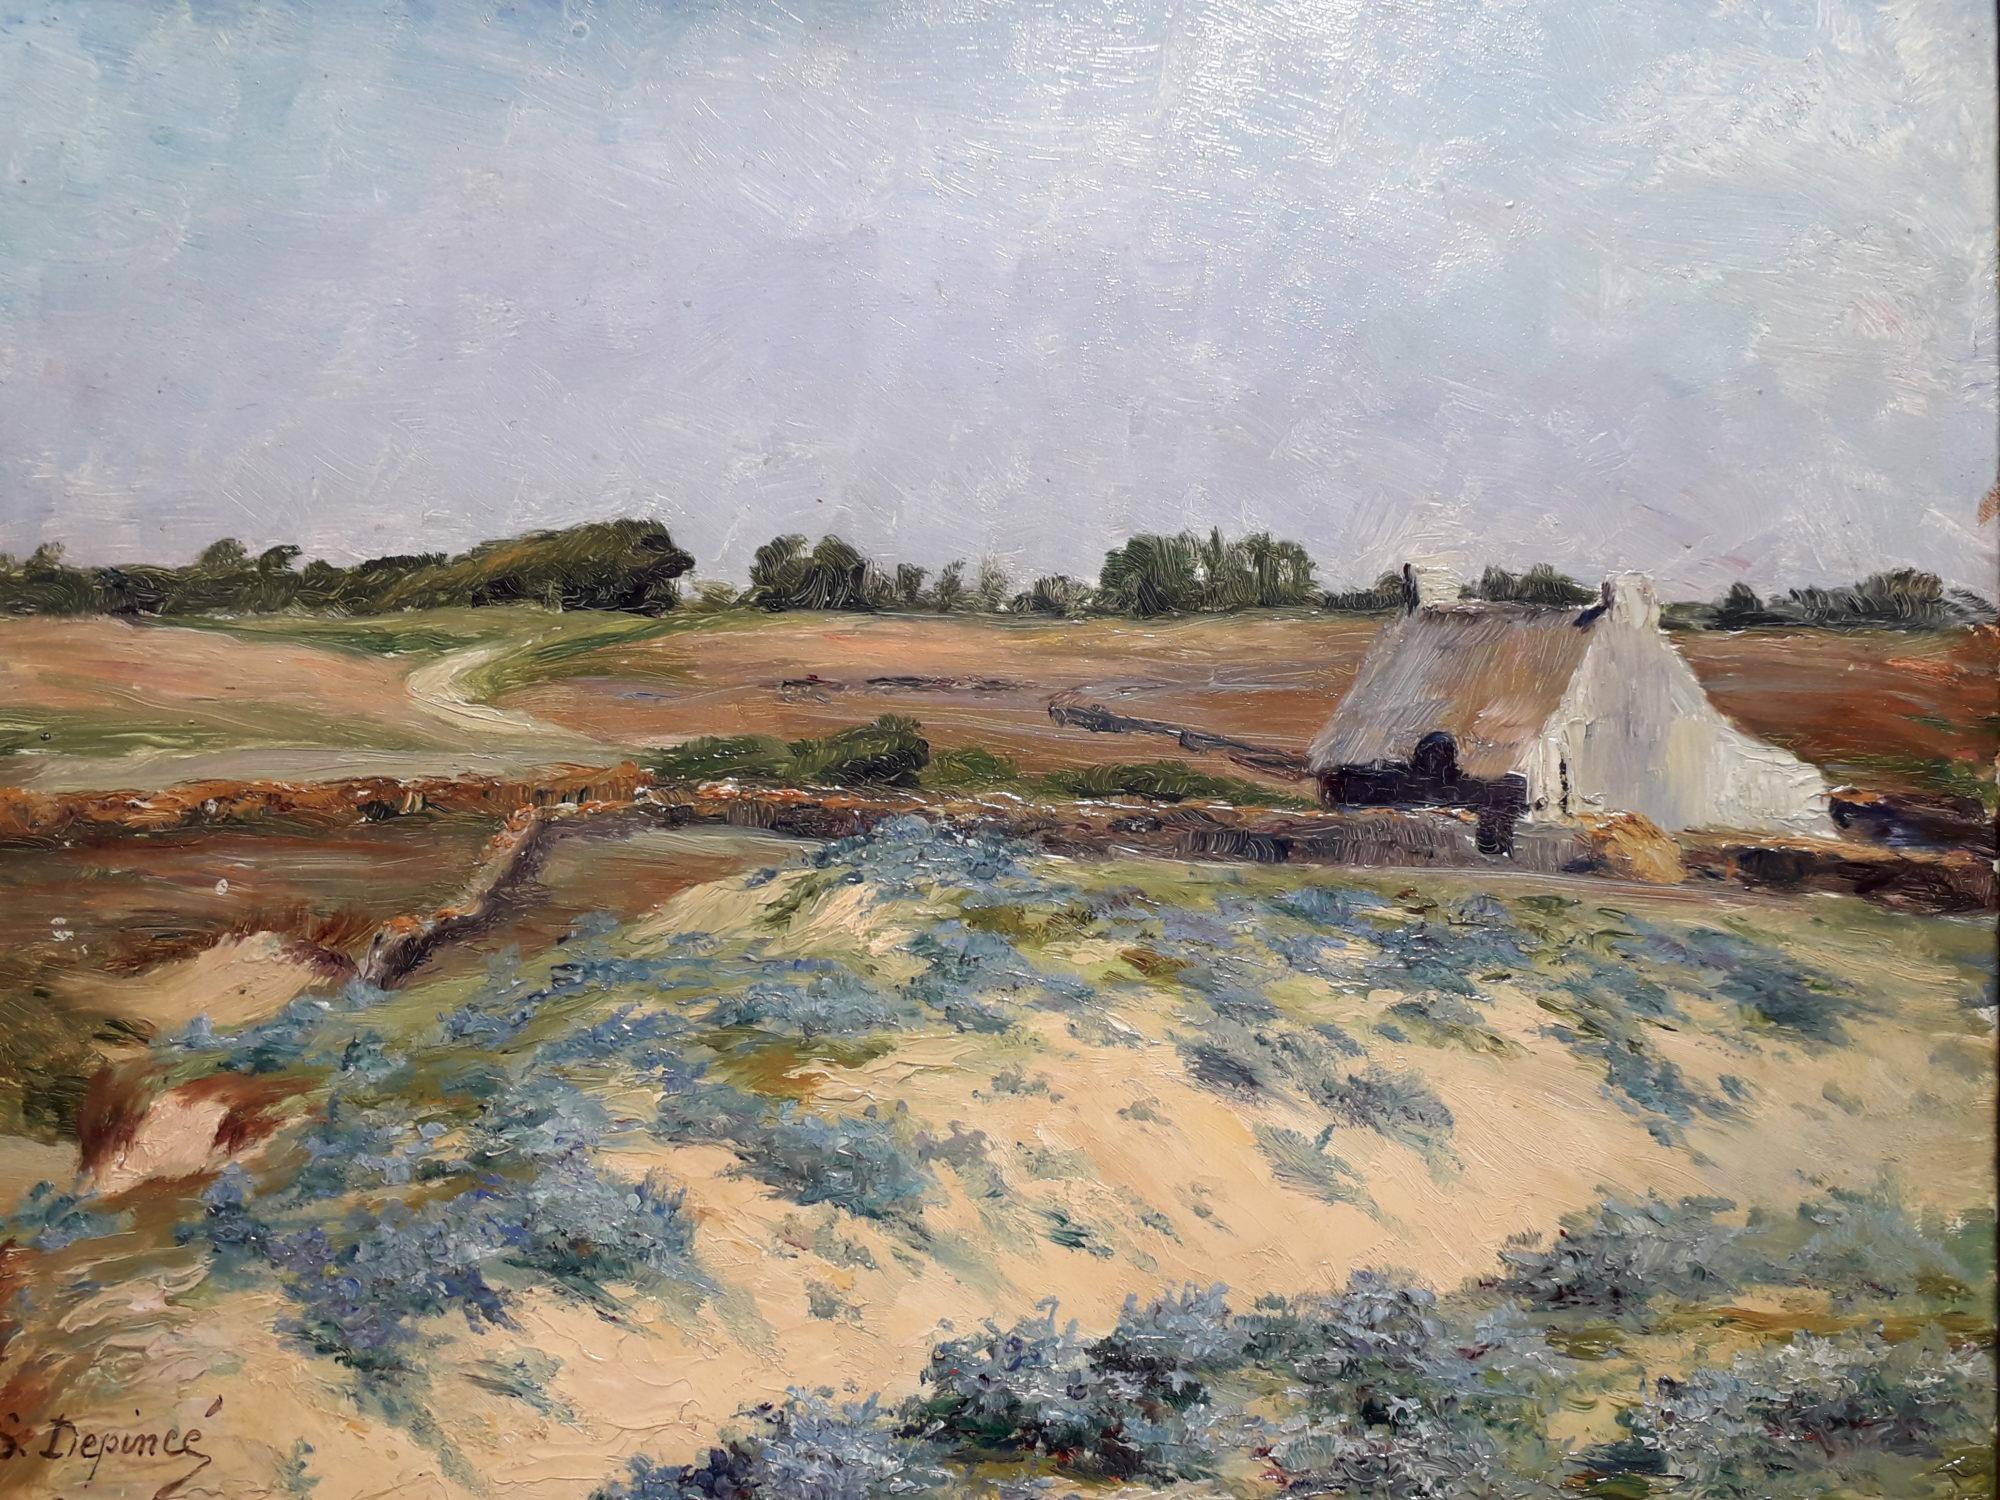 depince suzanne Chaumière d'Héléna village de Kerluron Le Pouldu